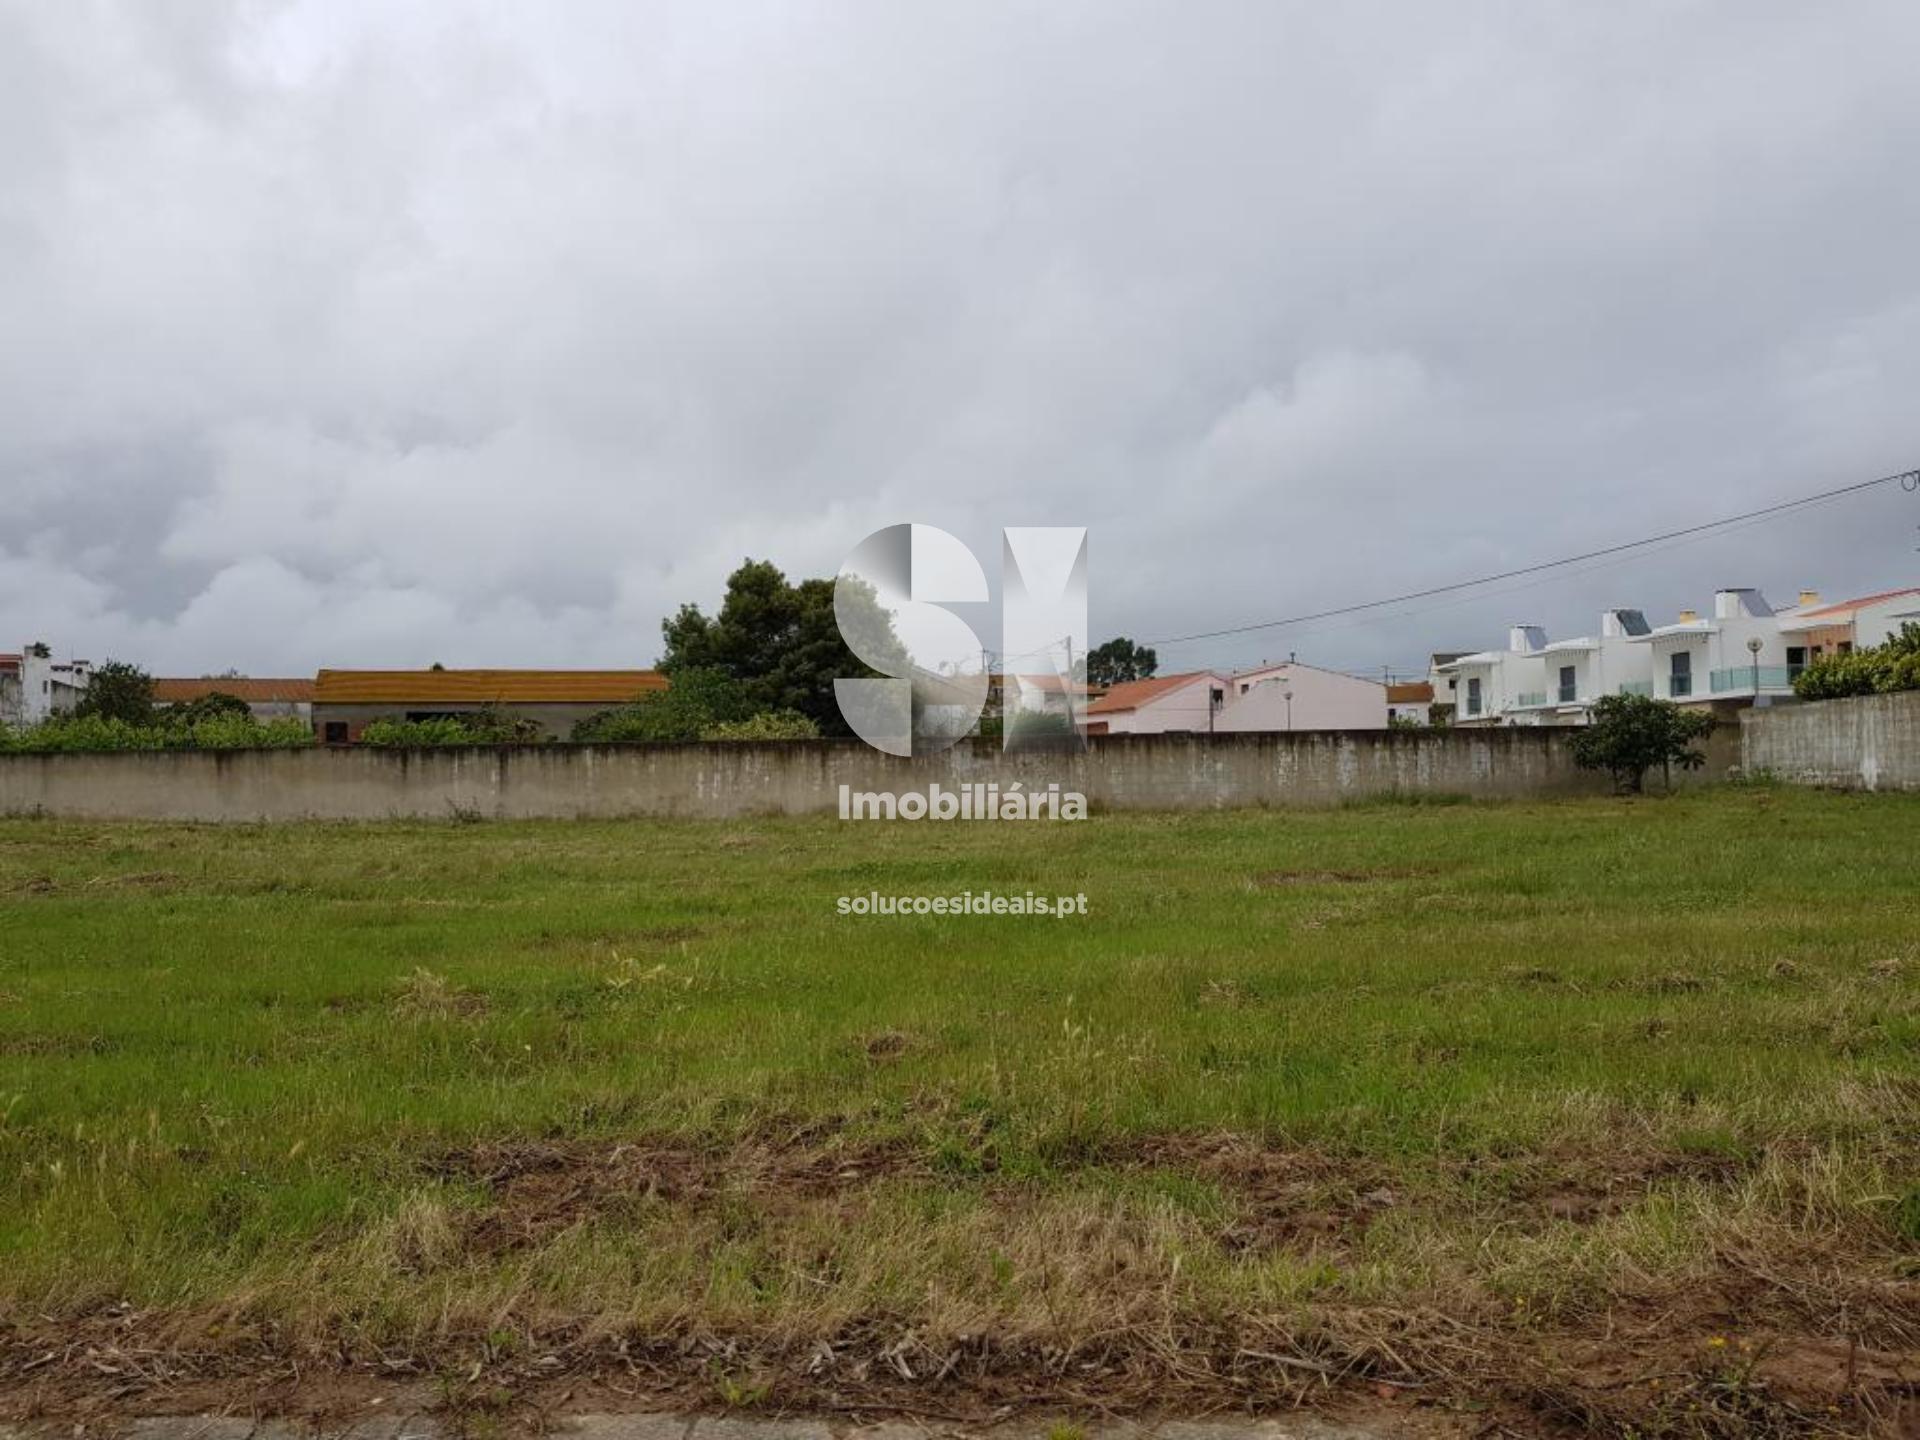 terreno para compra em torres vedras uniao das freguesias de campelos e outeiro da cabeca LFCLM461